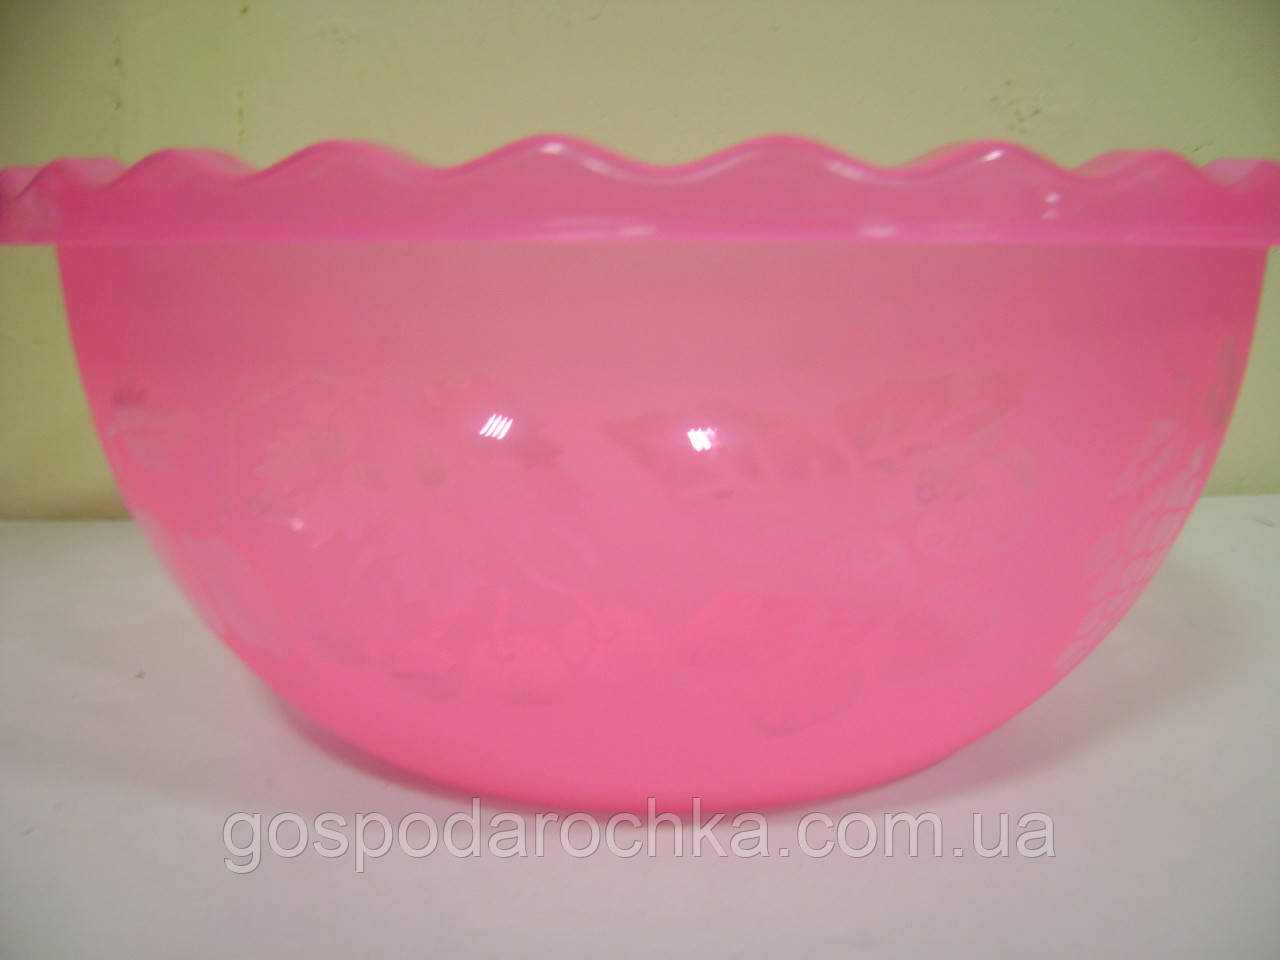 Таз для фруктов пластиковый, 9 л. микс цветов 350*3350*146 мм.  АП -105413